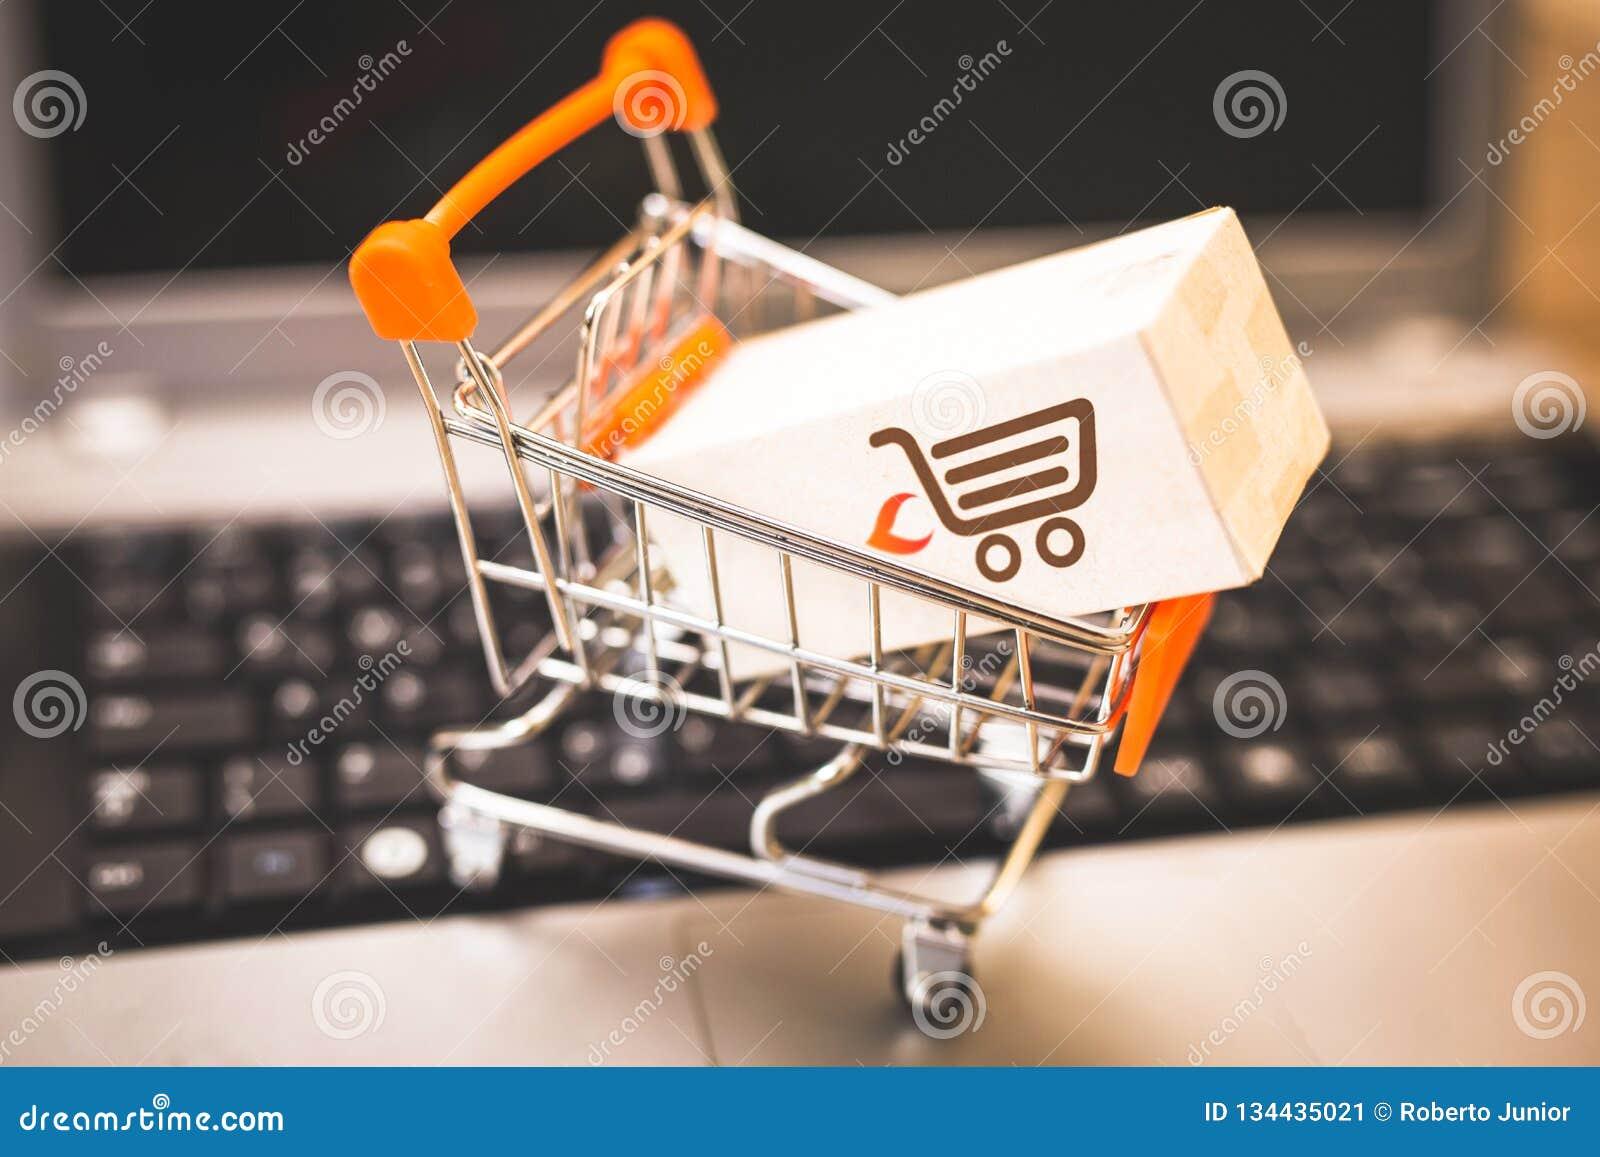 Αγοράζοντας και πωλώντας on-line, ιδέα για το ψηφιακό εμπόριο